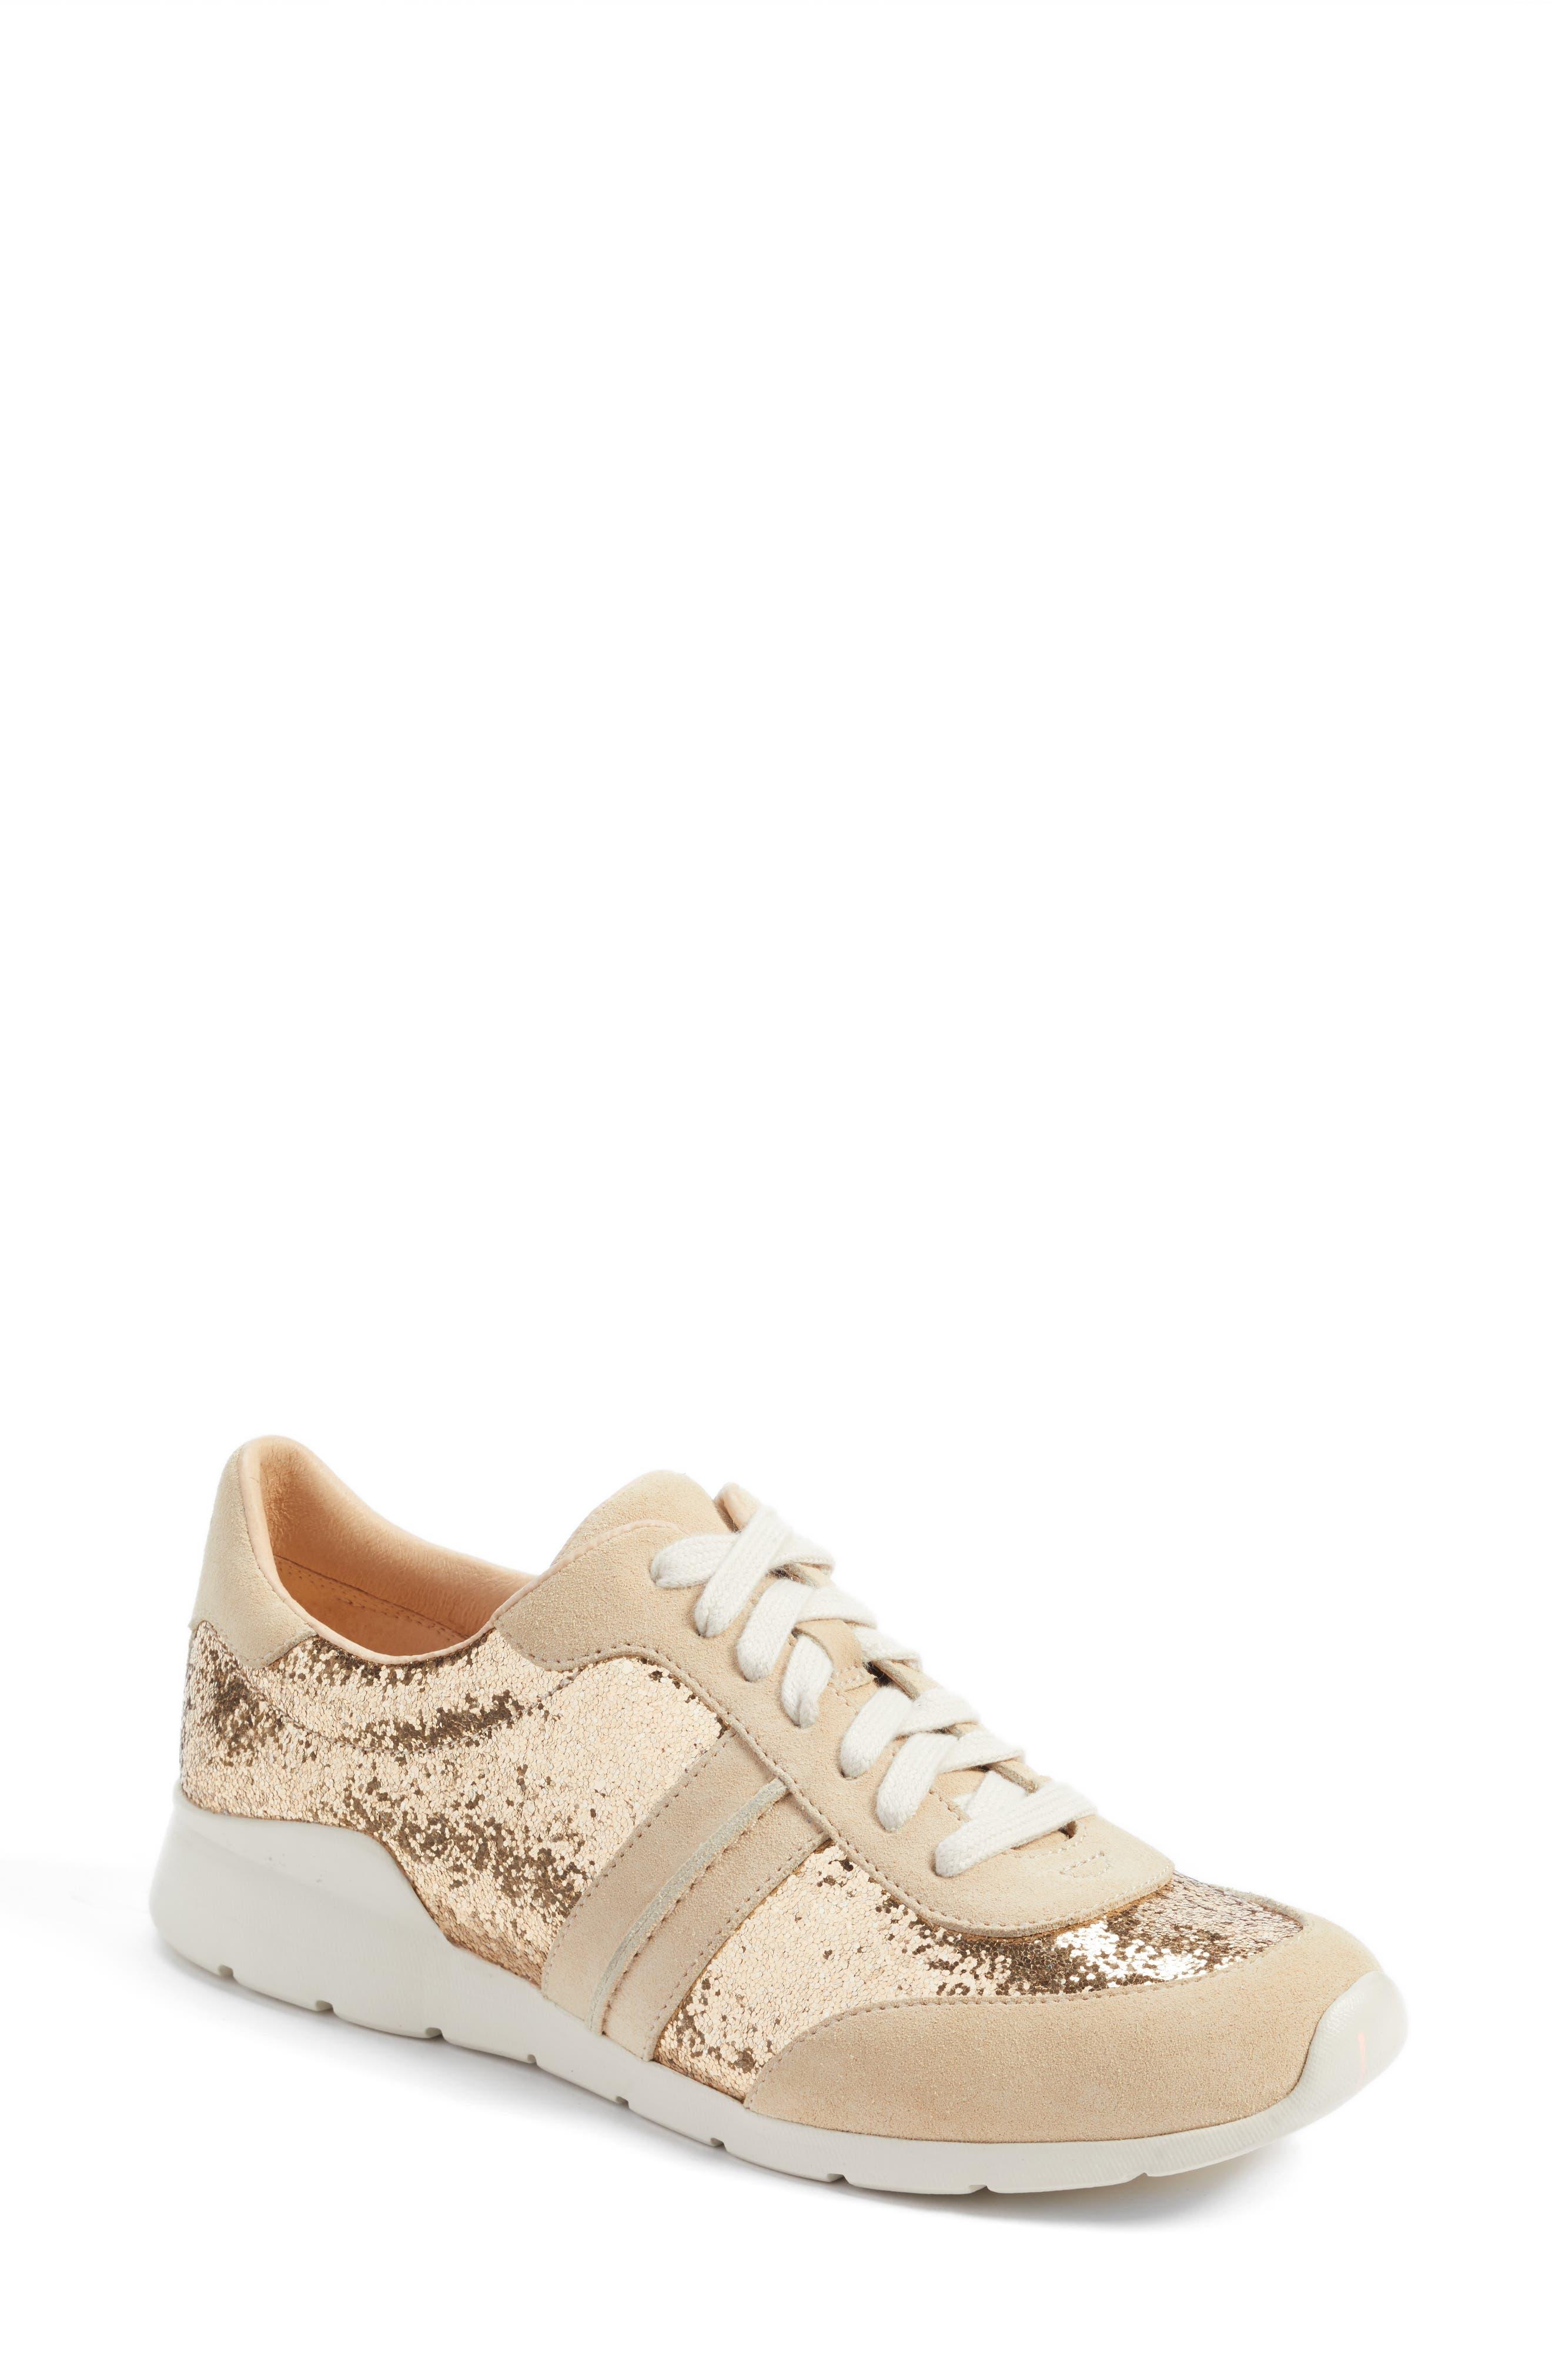 Main Image - UGG® Jaida Glitter Sneaker (Women)